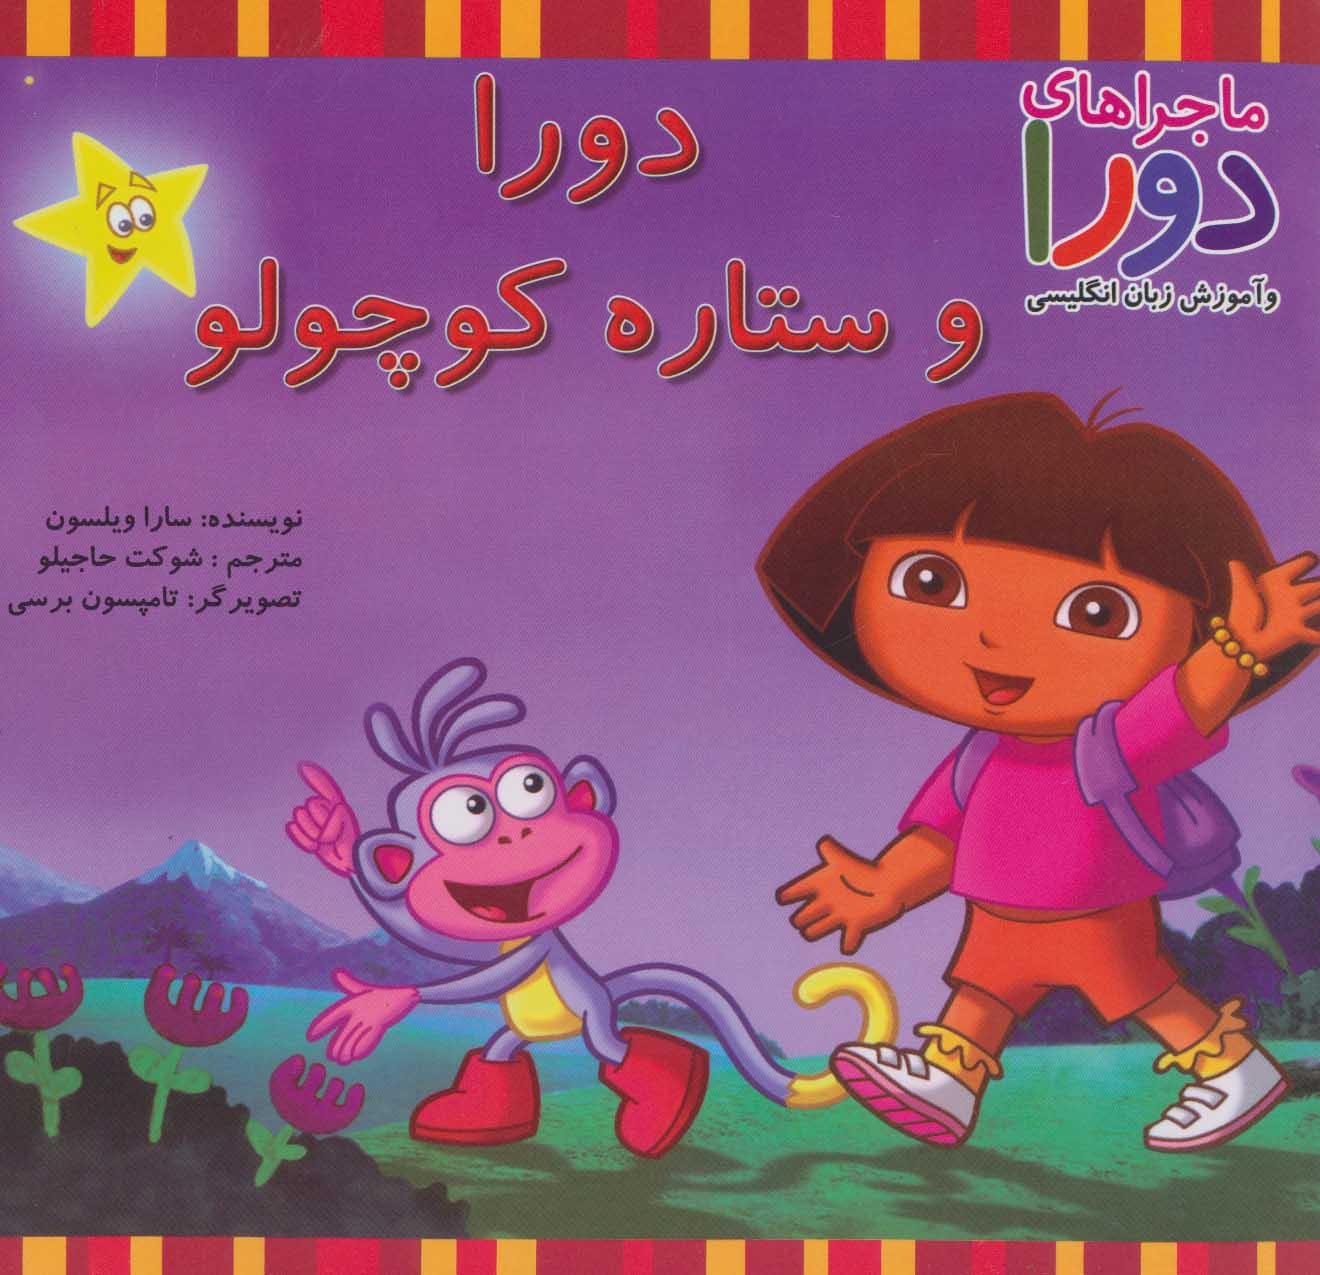 دورا و ستاره کوچولو (ماجراهای دورا و آموزش زبان انگلیسی)،(2زبانه،گلاسه)